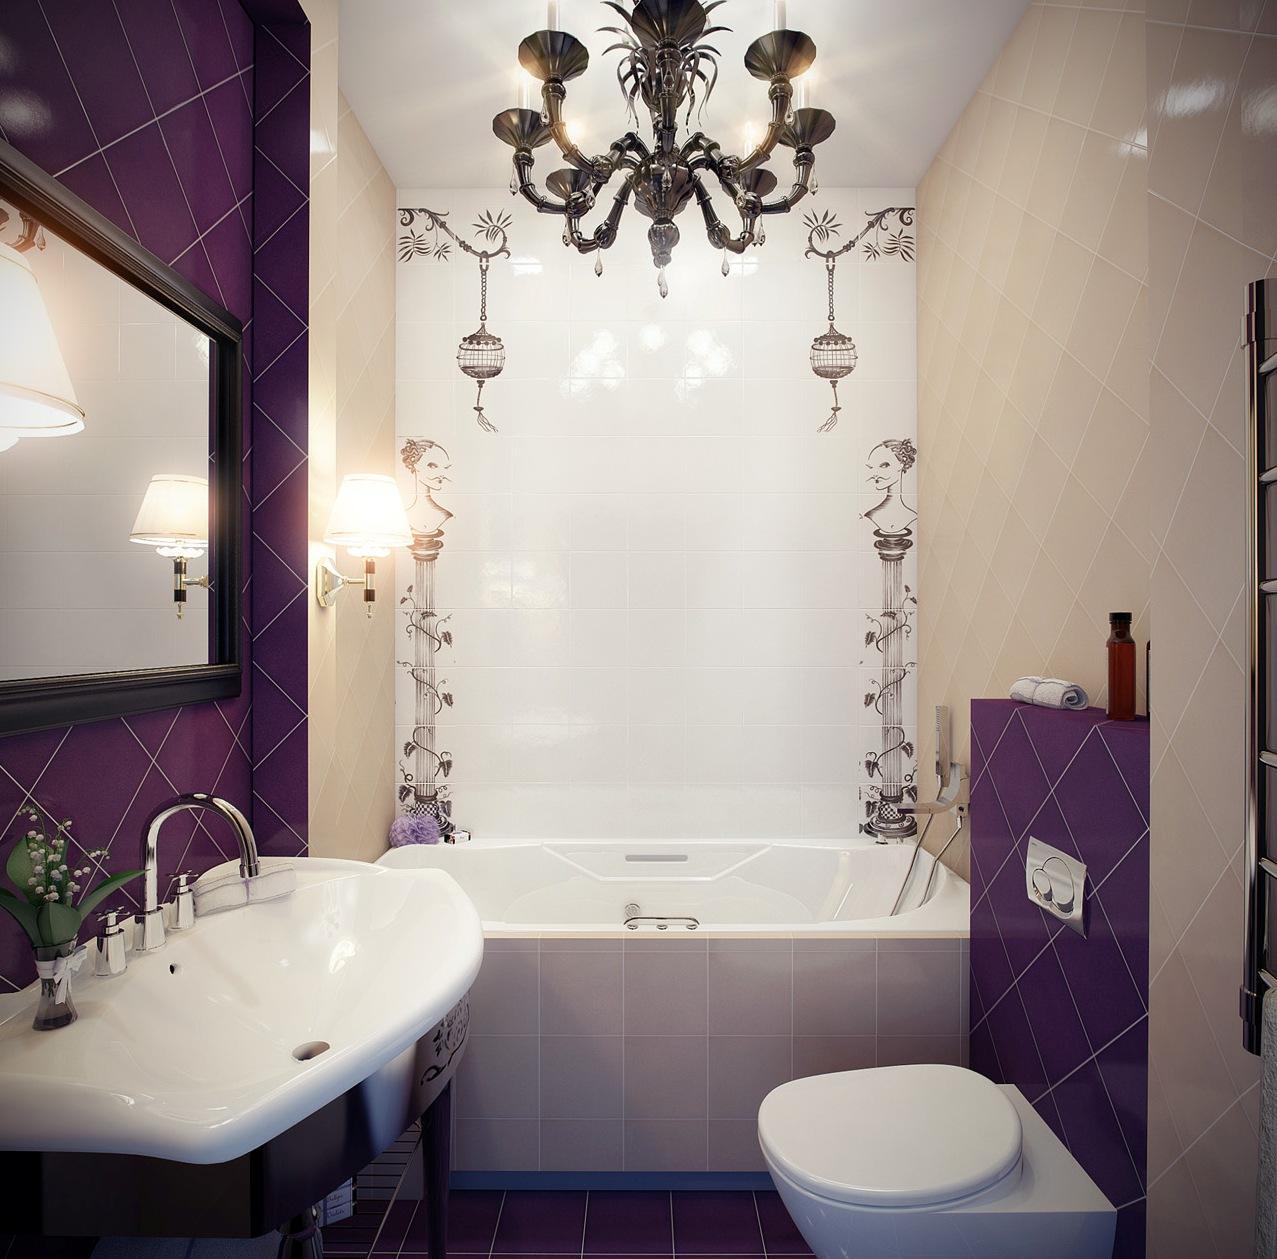 Фиолетово-бежевая отделка ванной комнаты